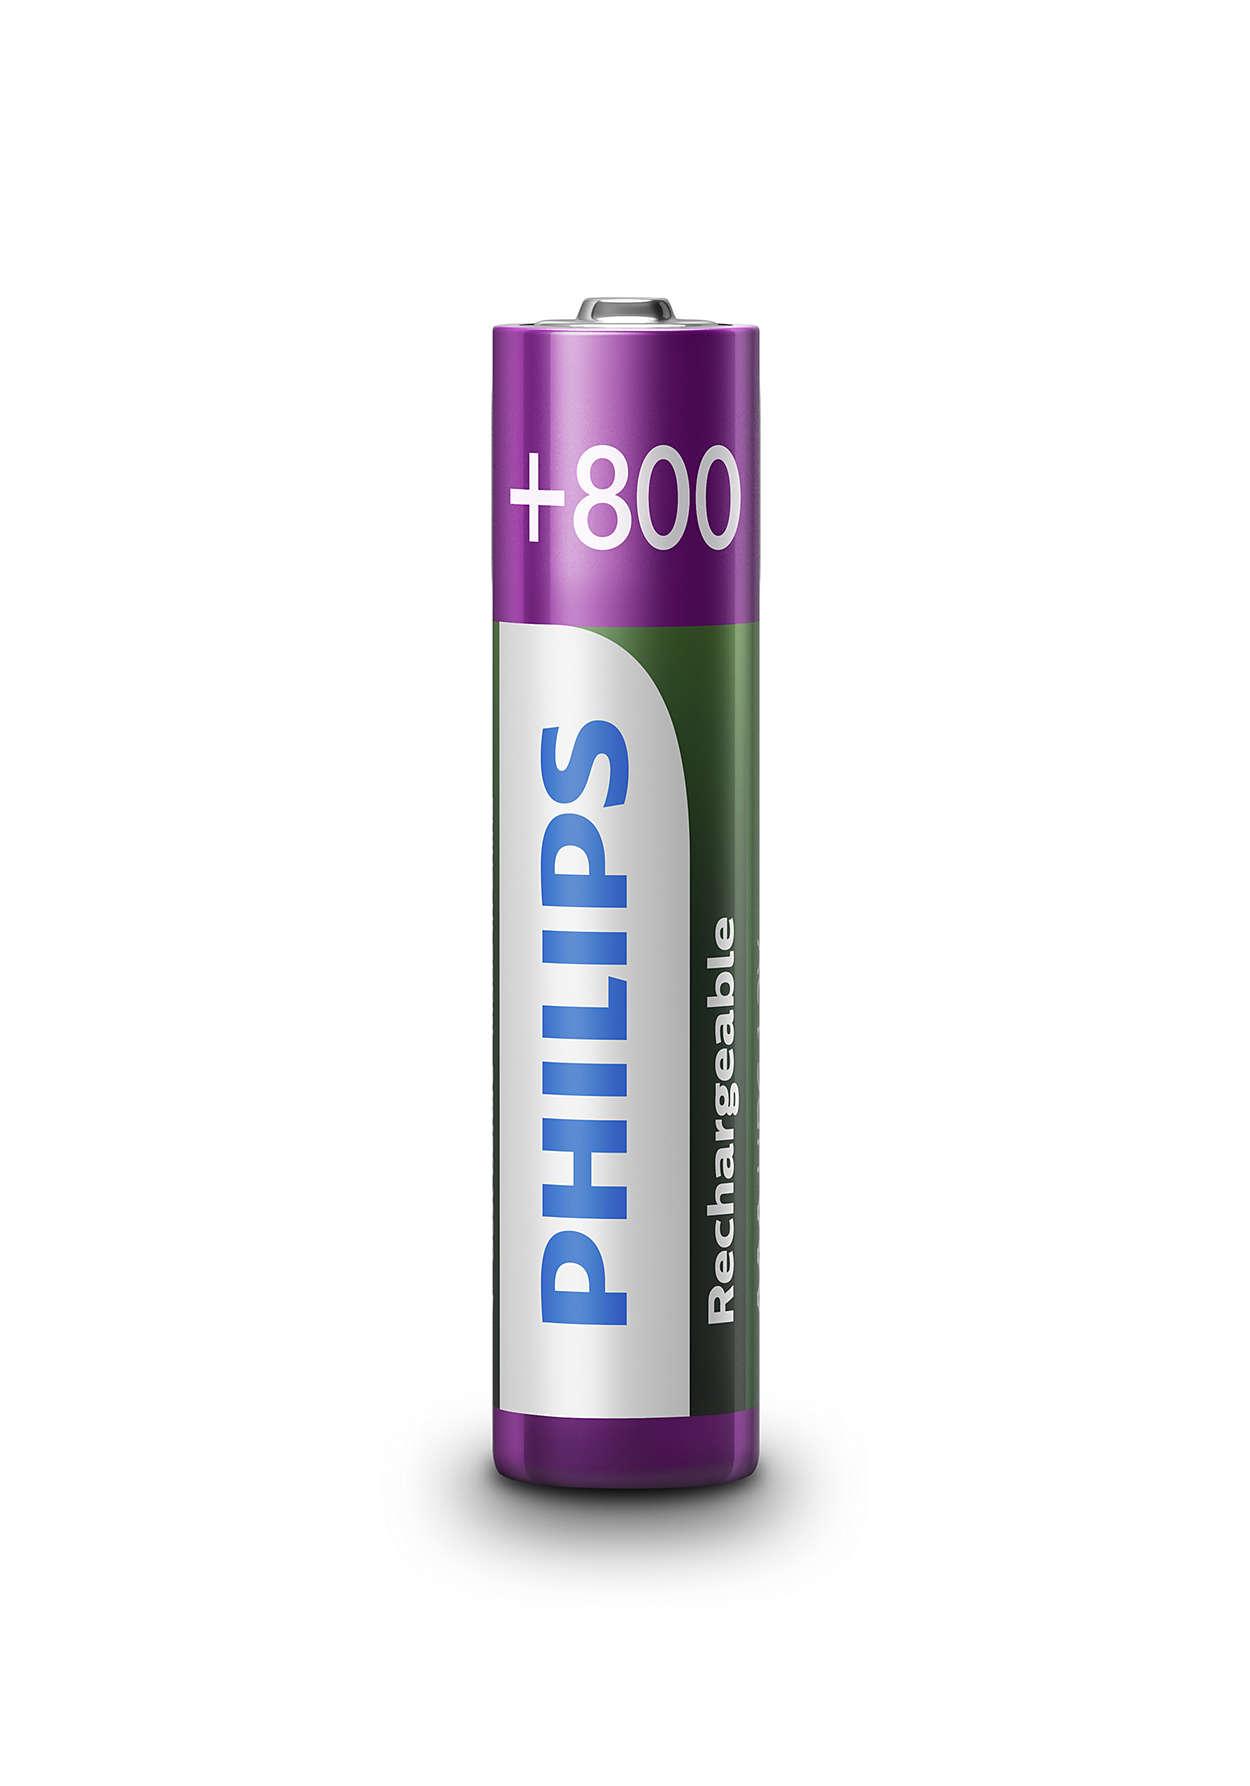 立即使用充電電池